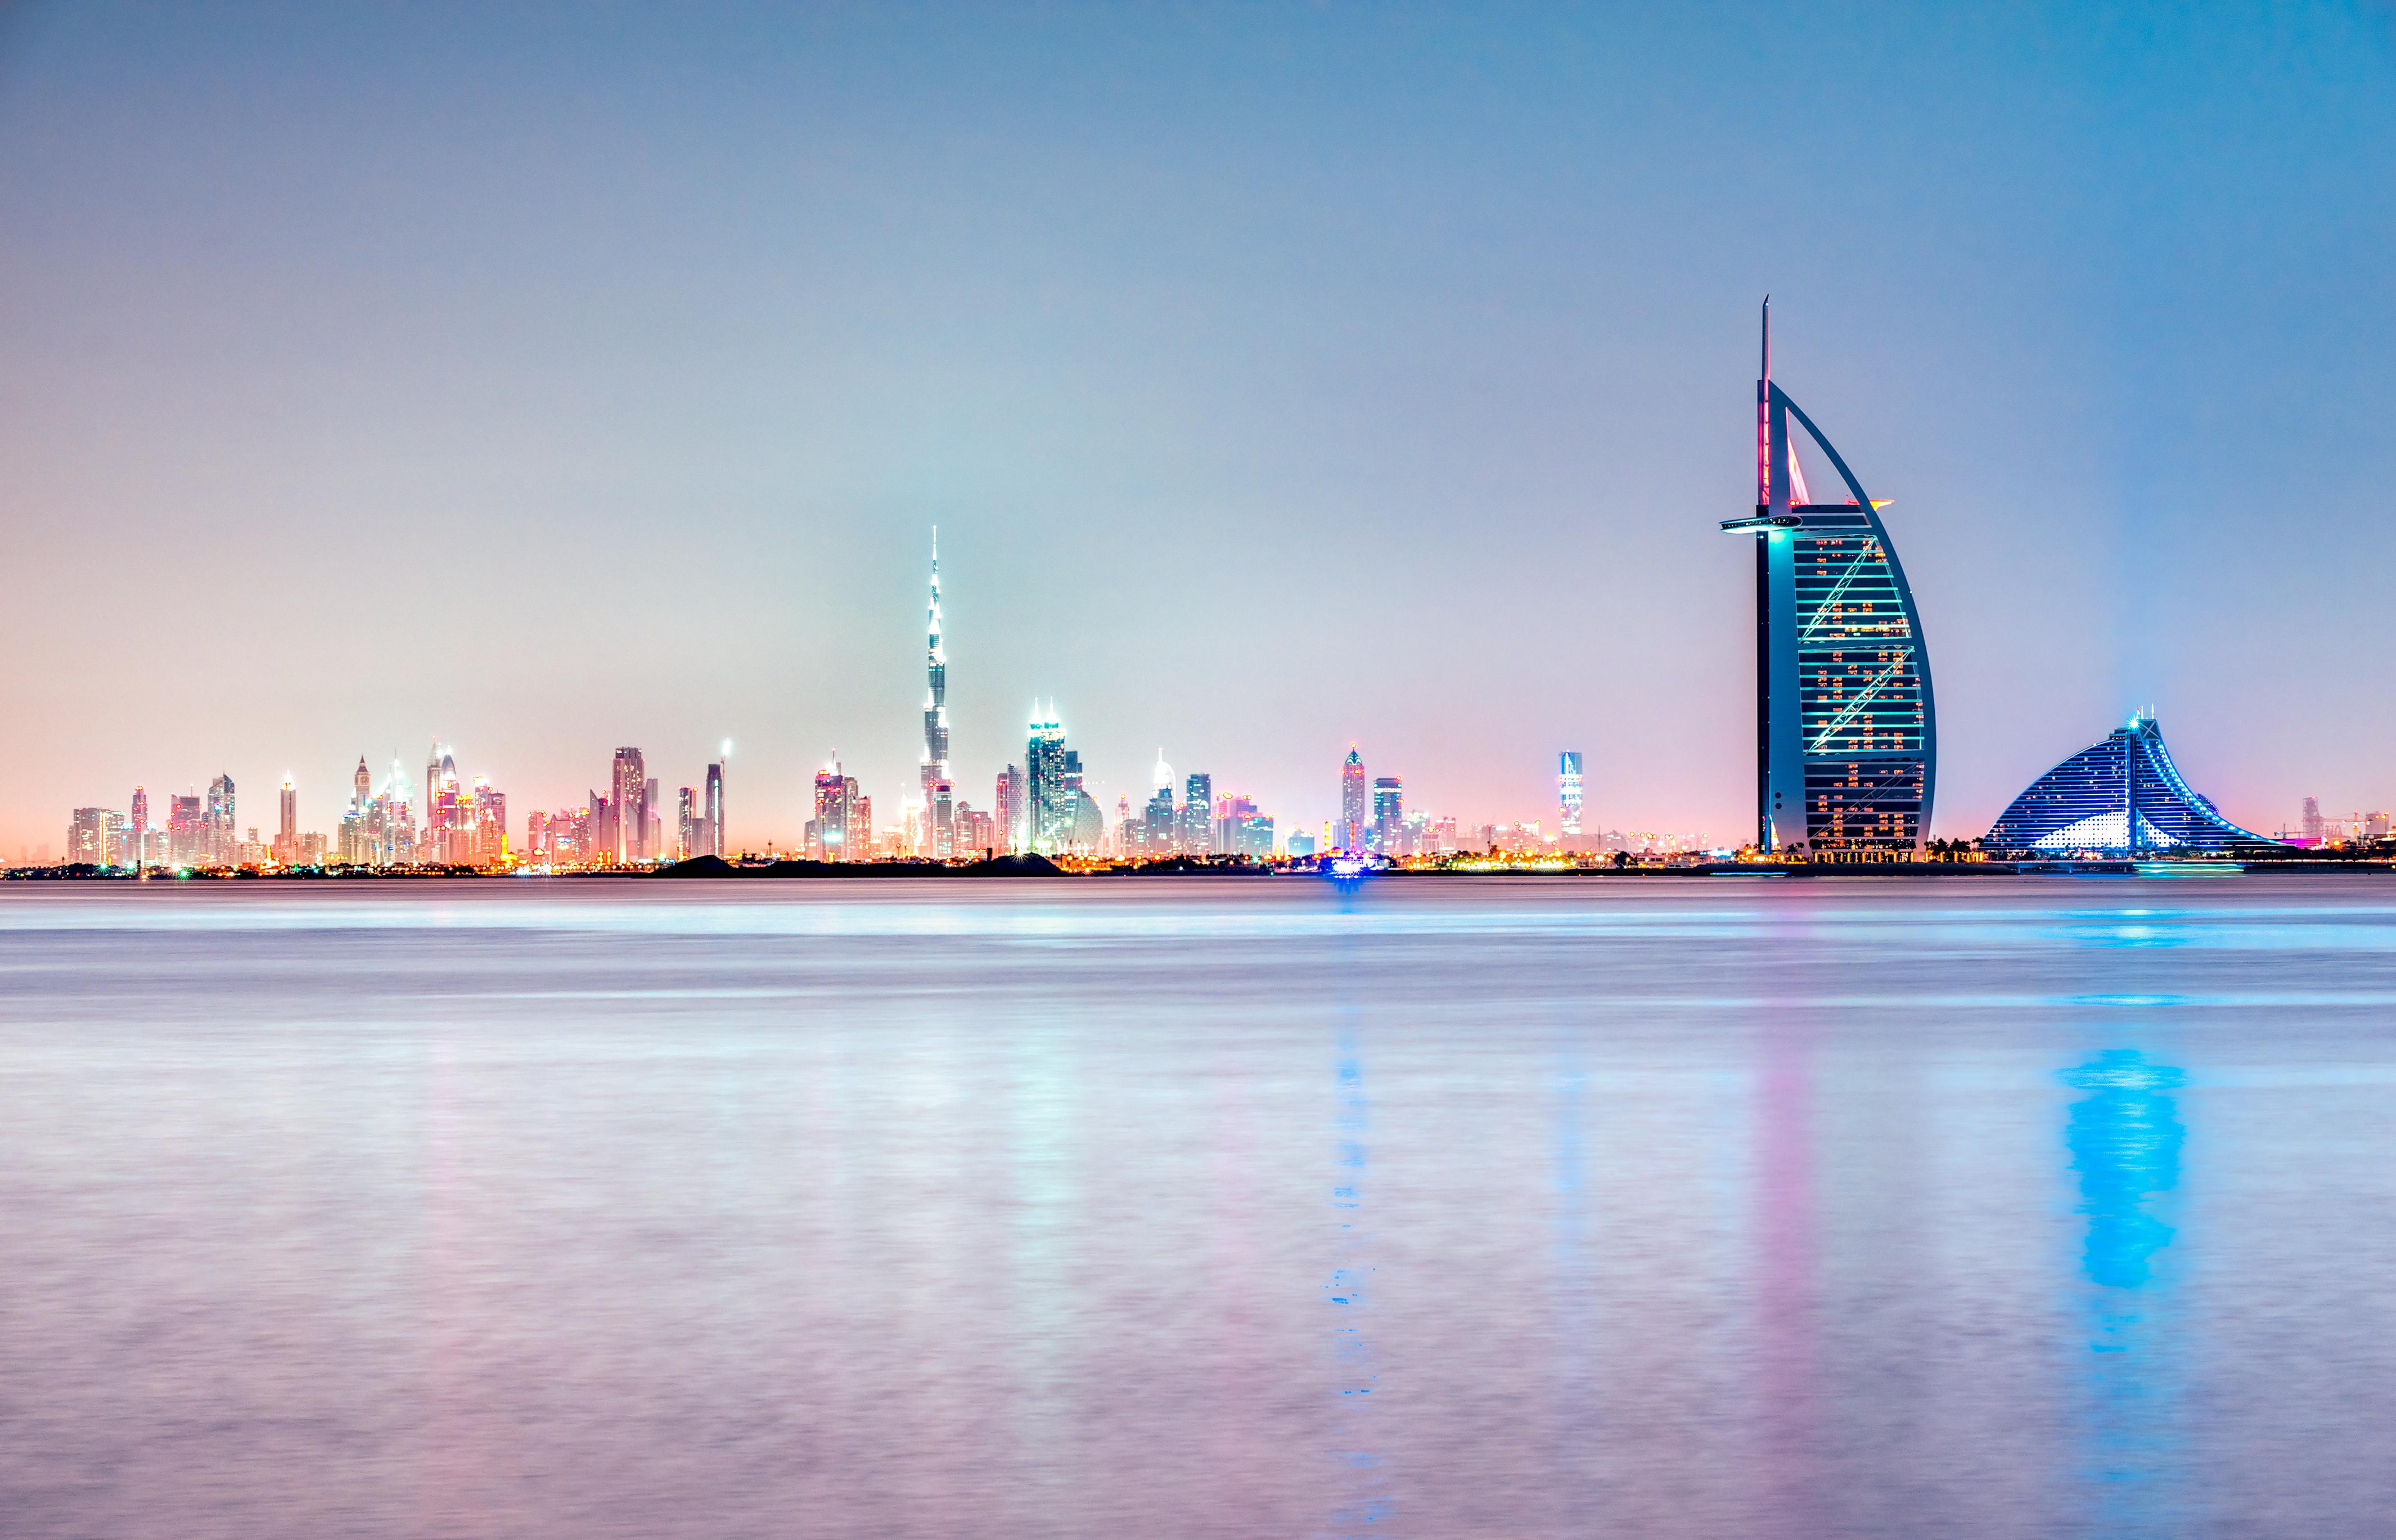 Dubai skyline at dusk, UAE